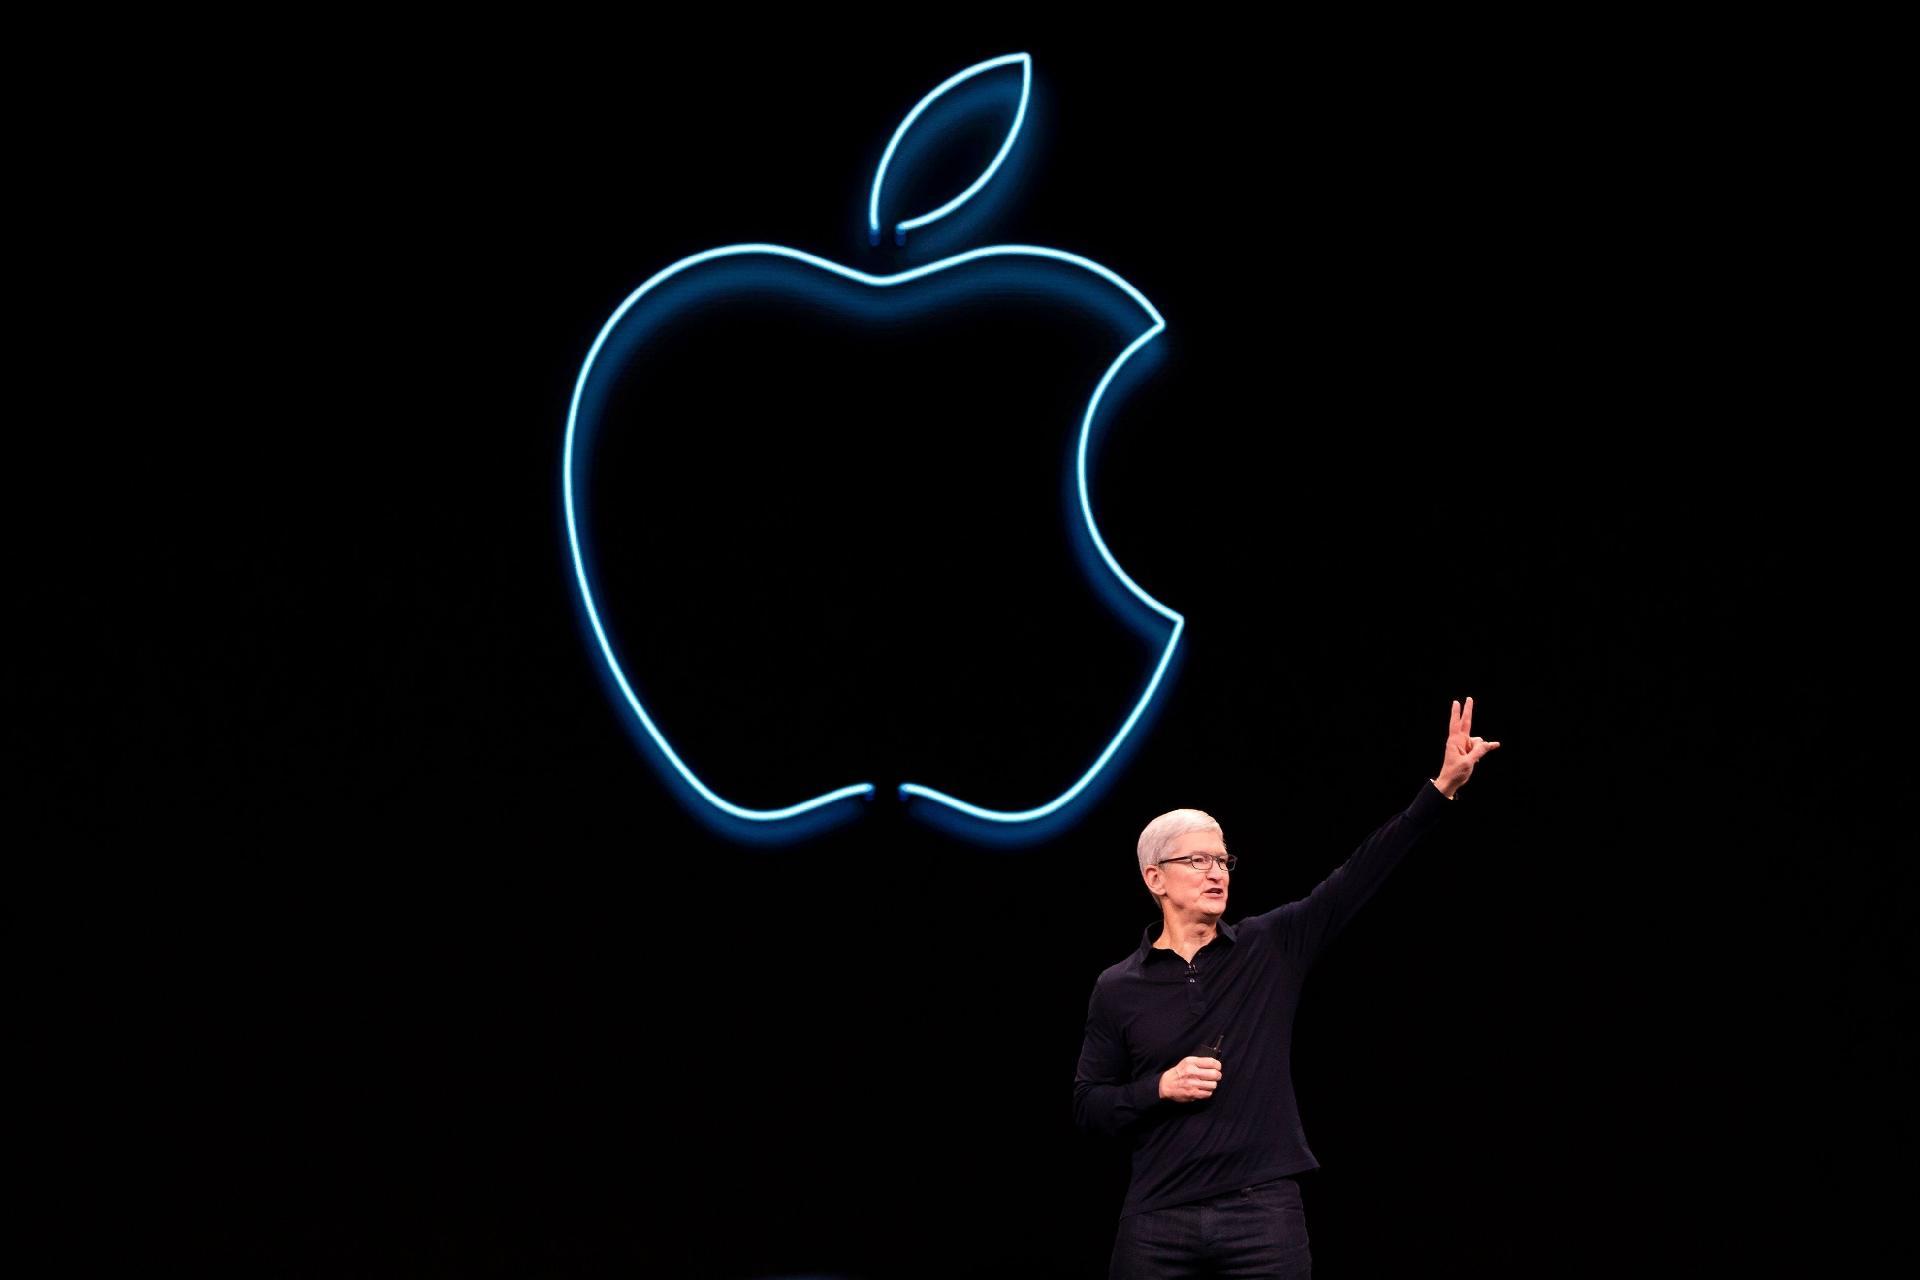 Apple quer vender Macs com chips próprios a partir de 2021 - 23/04/2020 -  UOL TILT